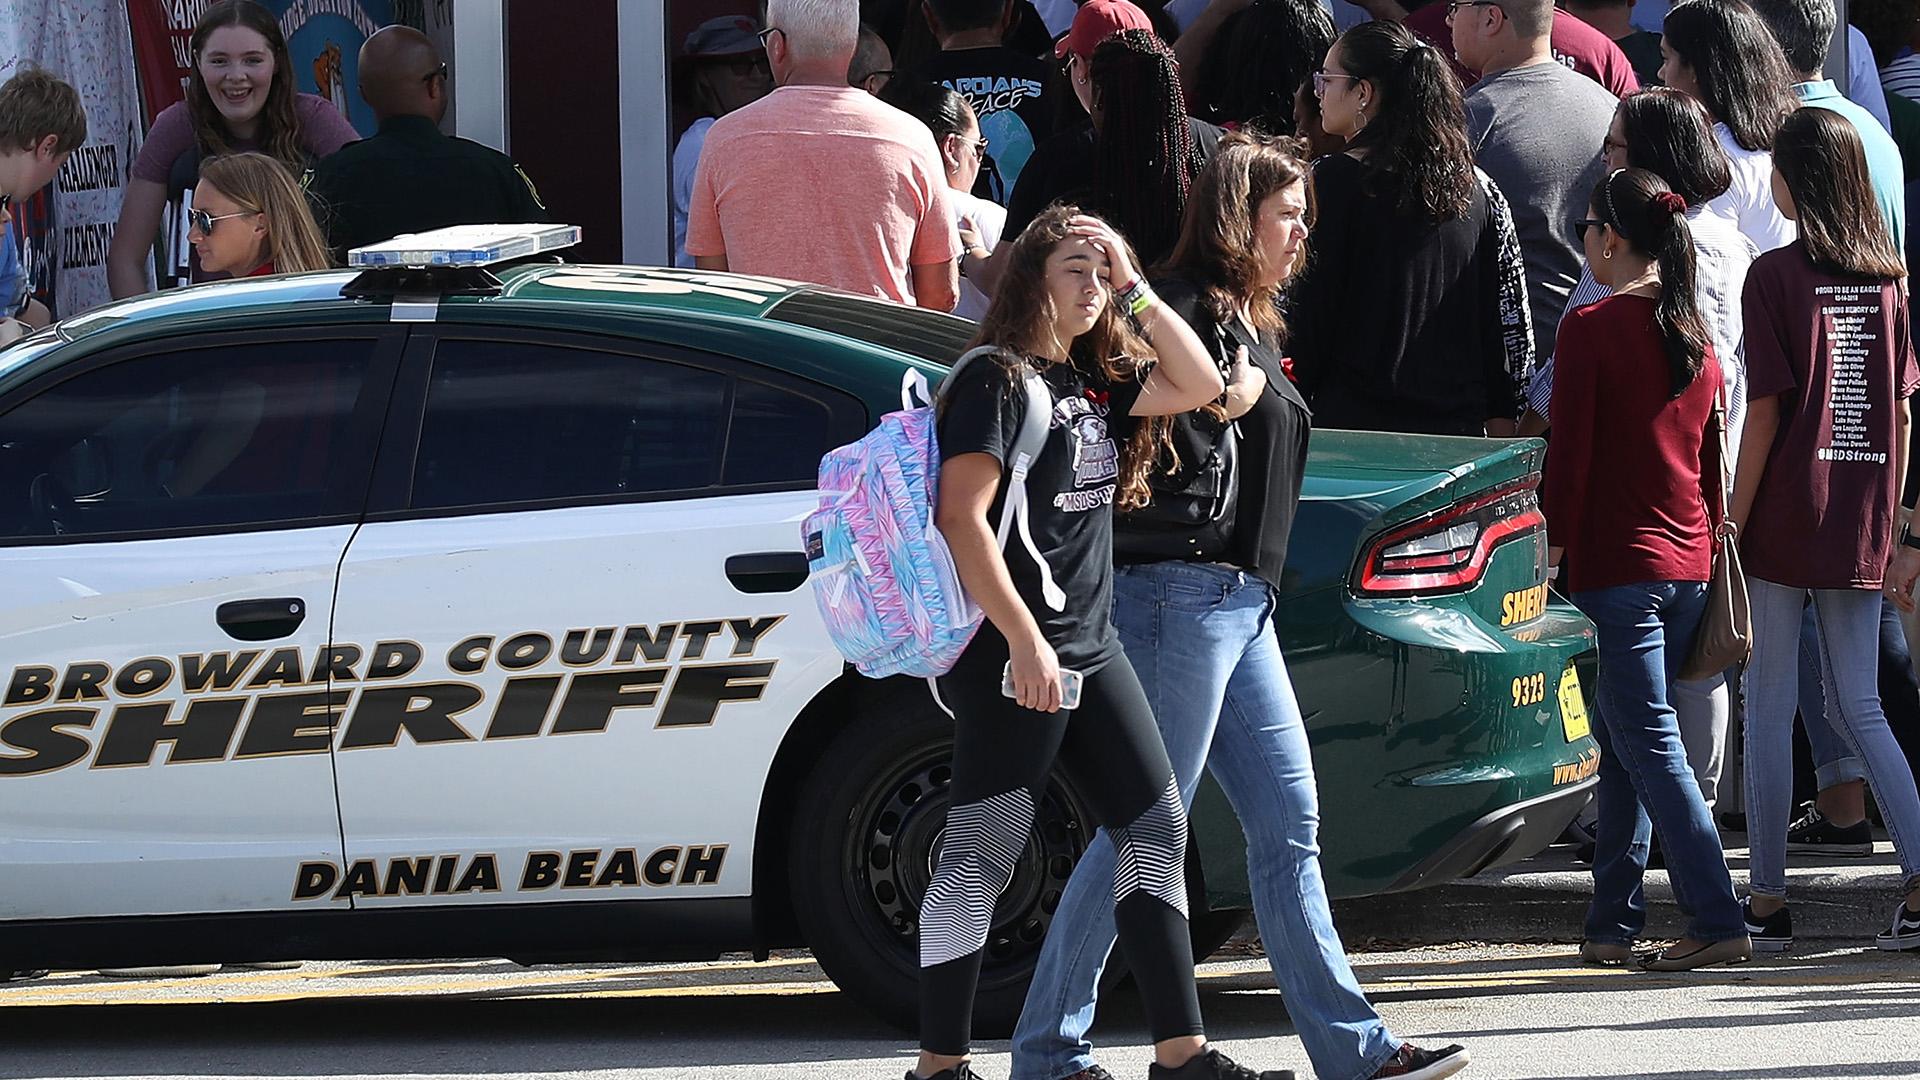 Estudiantes y padres pudieron entrar al campus por primera vez desde el tiroteo (AFP)